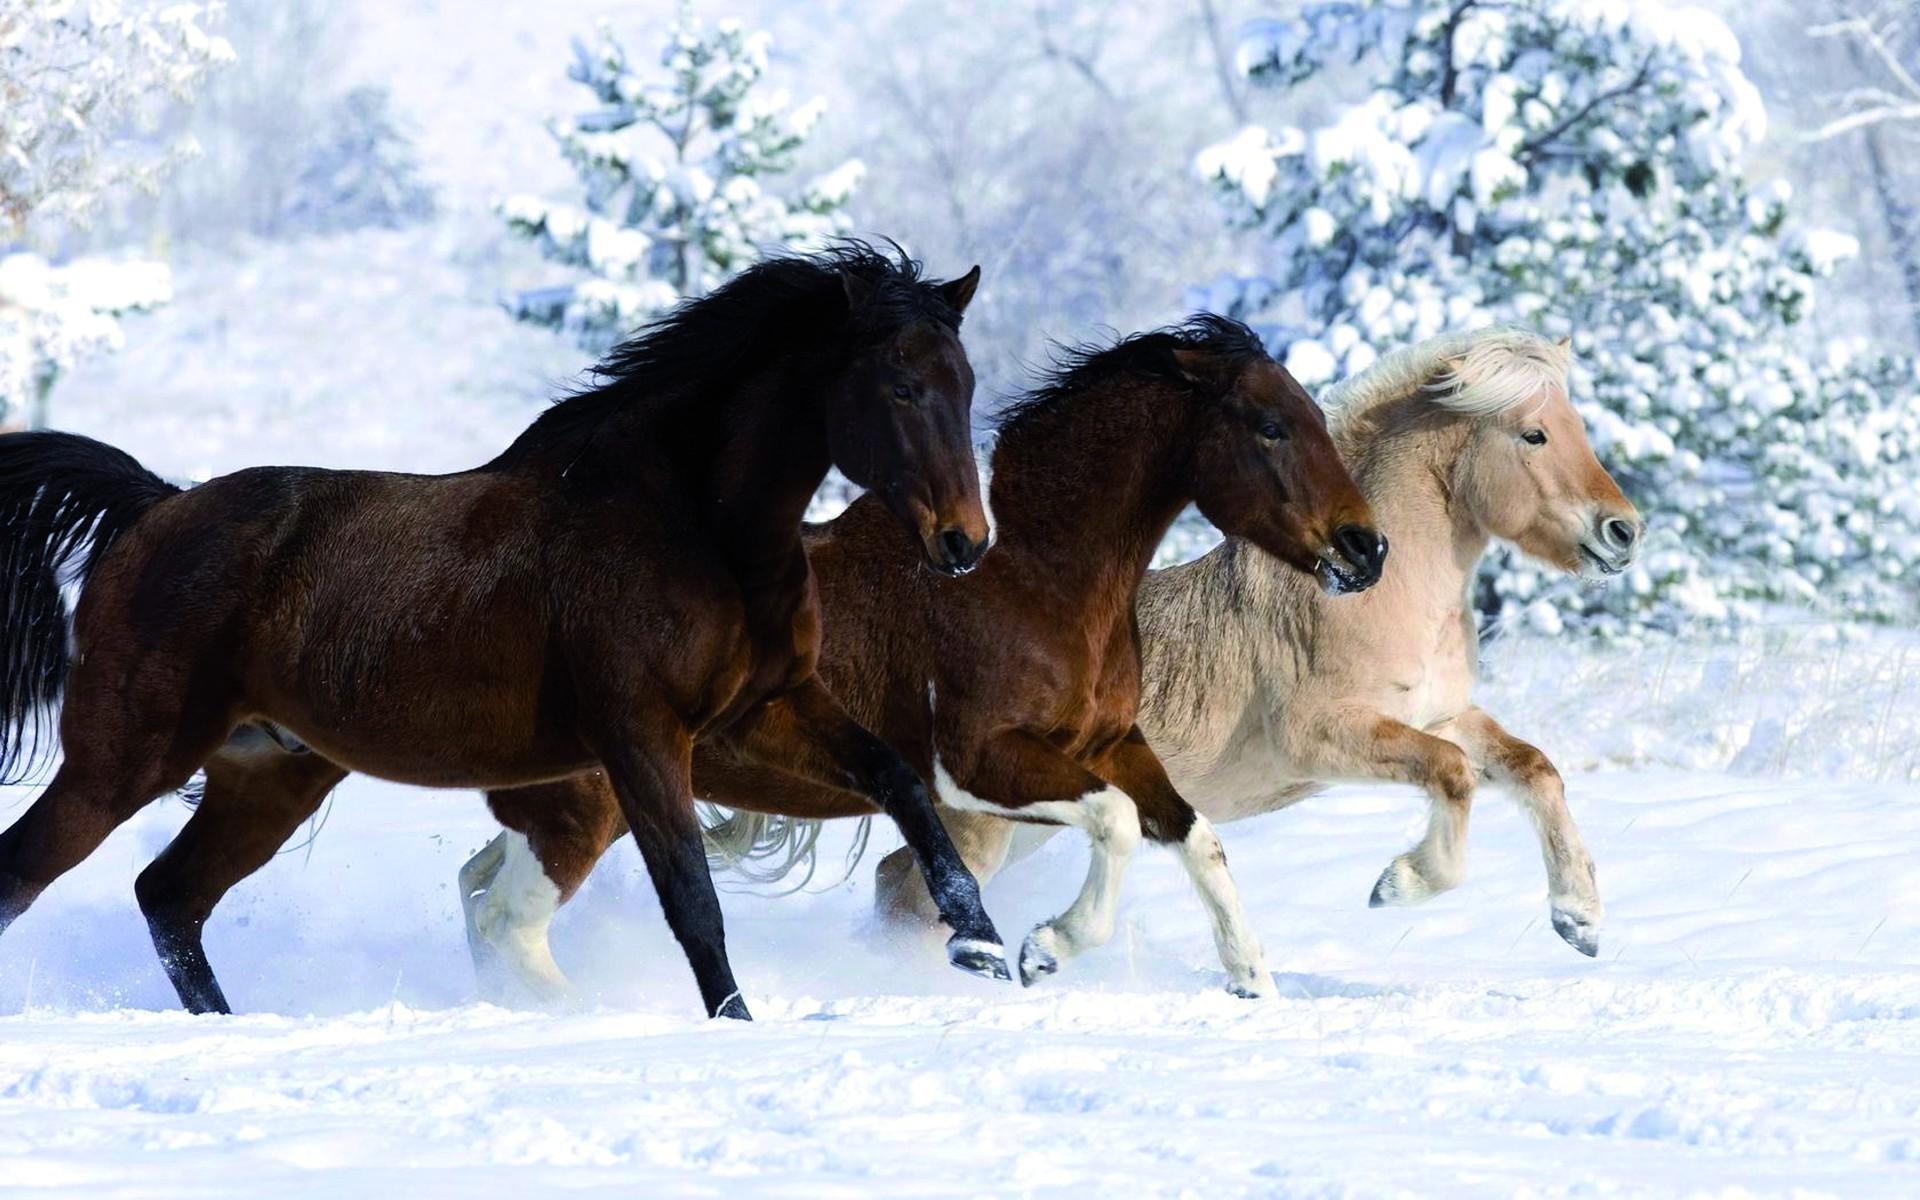 зимняя лошадь обои на рабочий стол № 511089 без смс